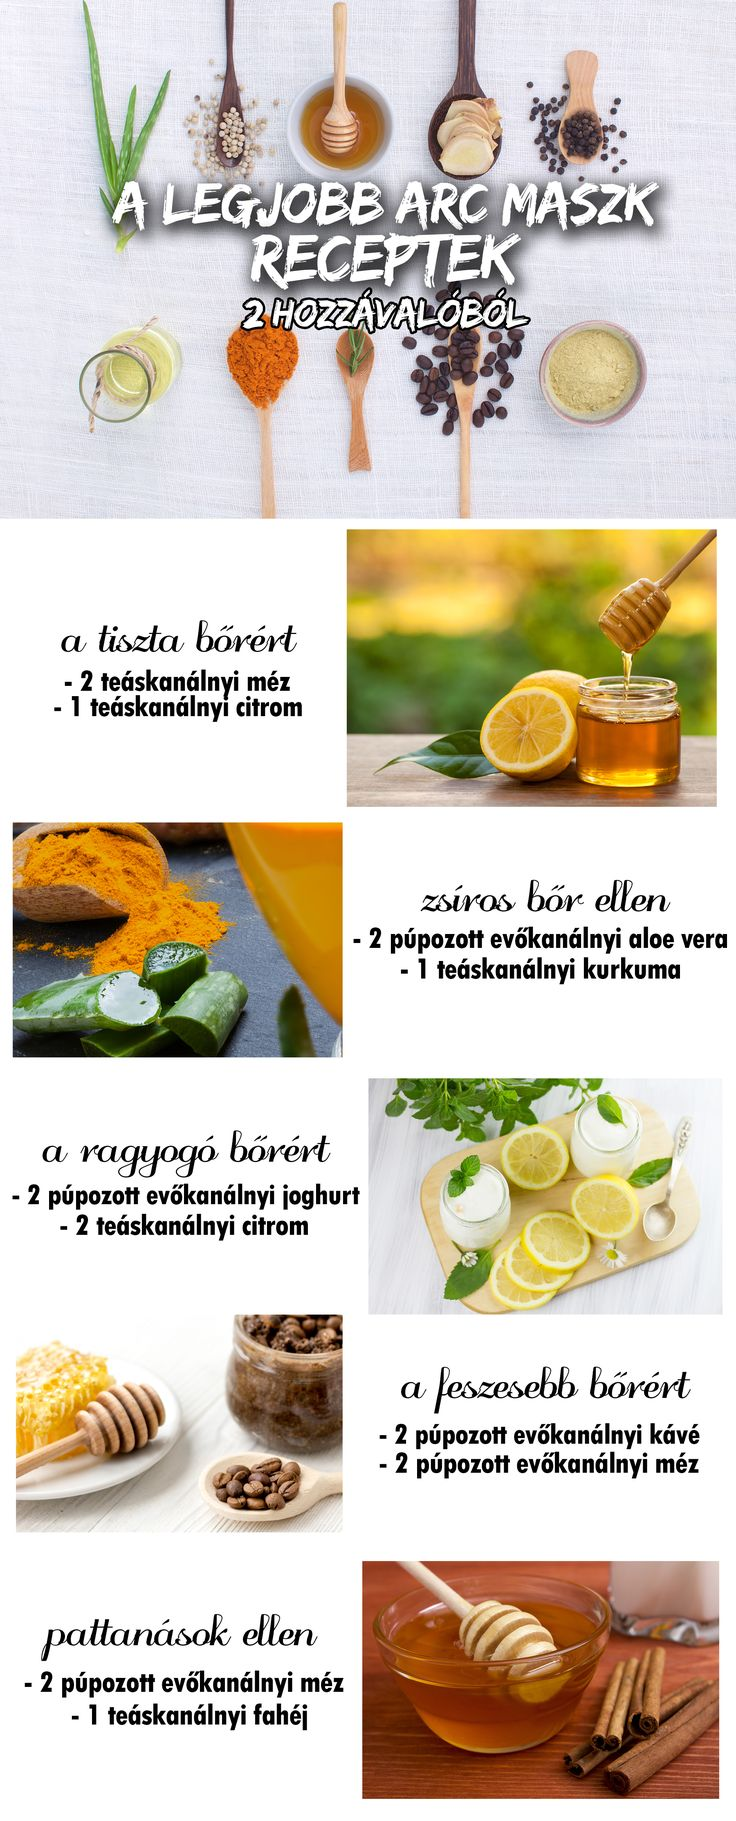 A legjobb arc maszk receptek 2 hozzávalóból! :)